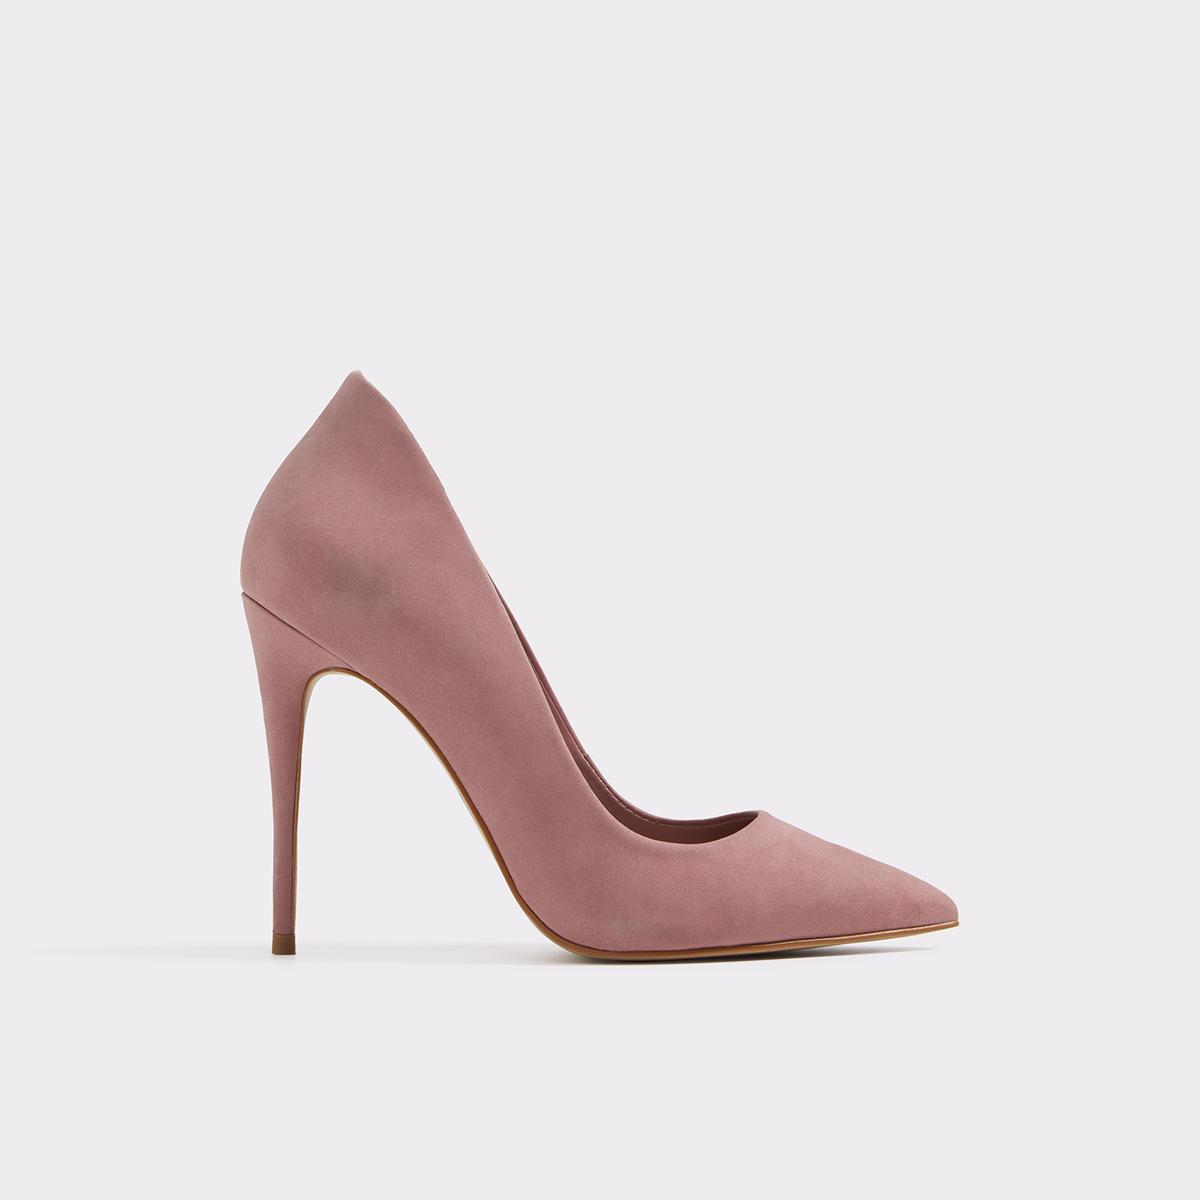 1796e087bd63 Cassedy Pink Misc. Women s Pumps